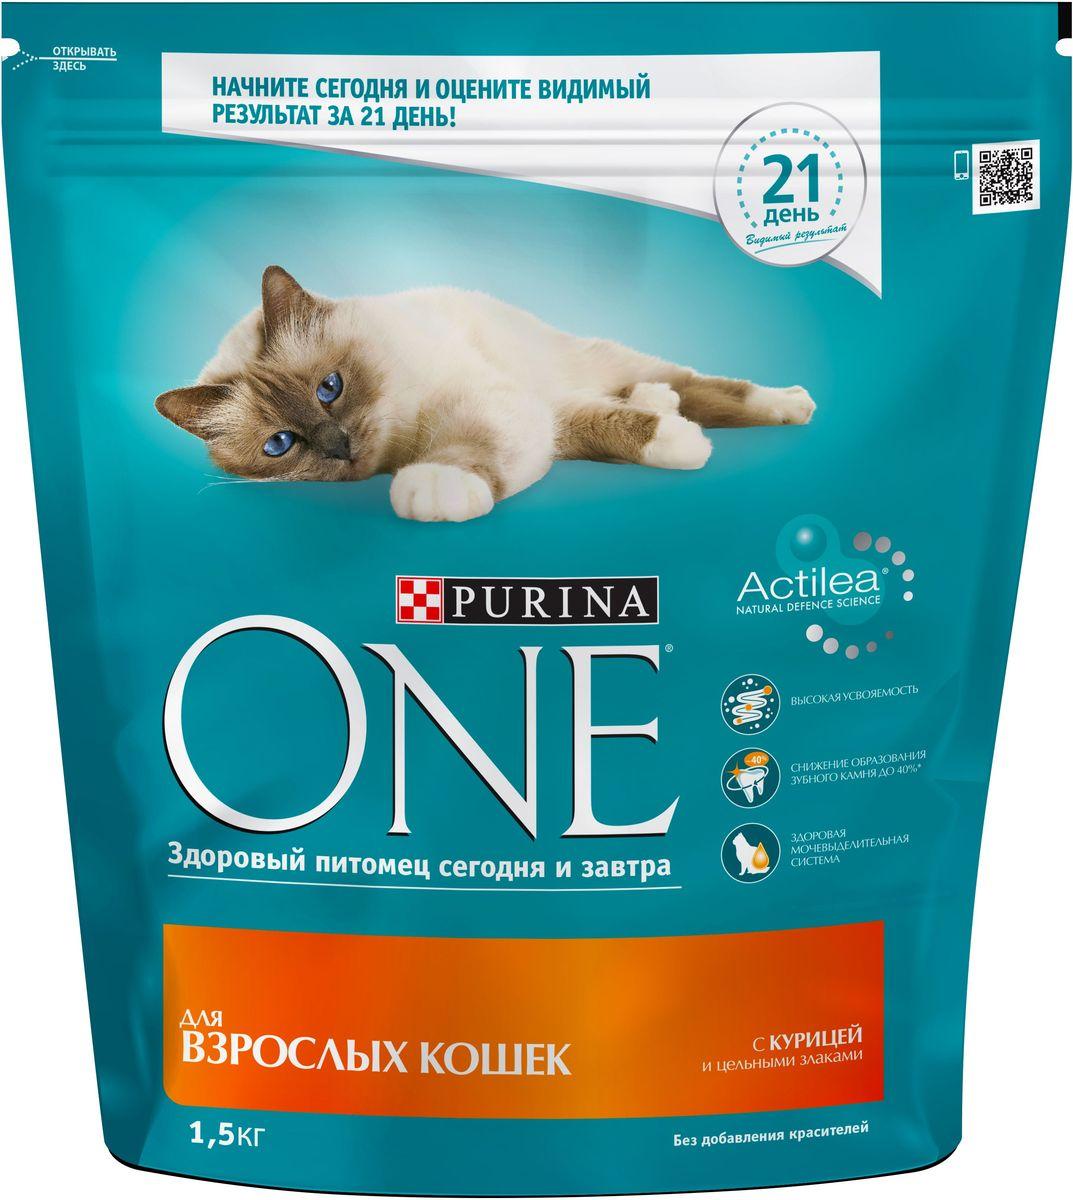 Корм сухой Purina One Adult для взрослых кошек, с курицей и цельным злаками, 1,5 кг one корм для кошек цена